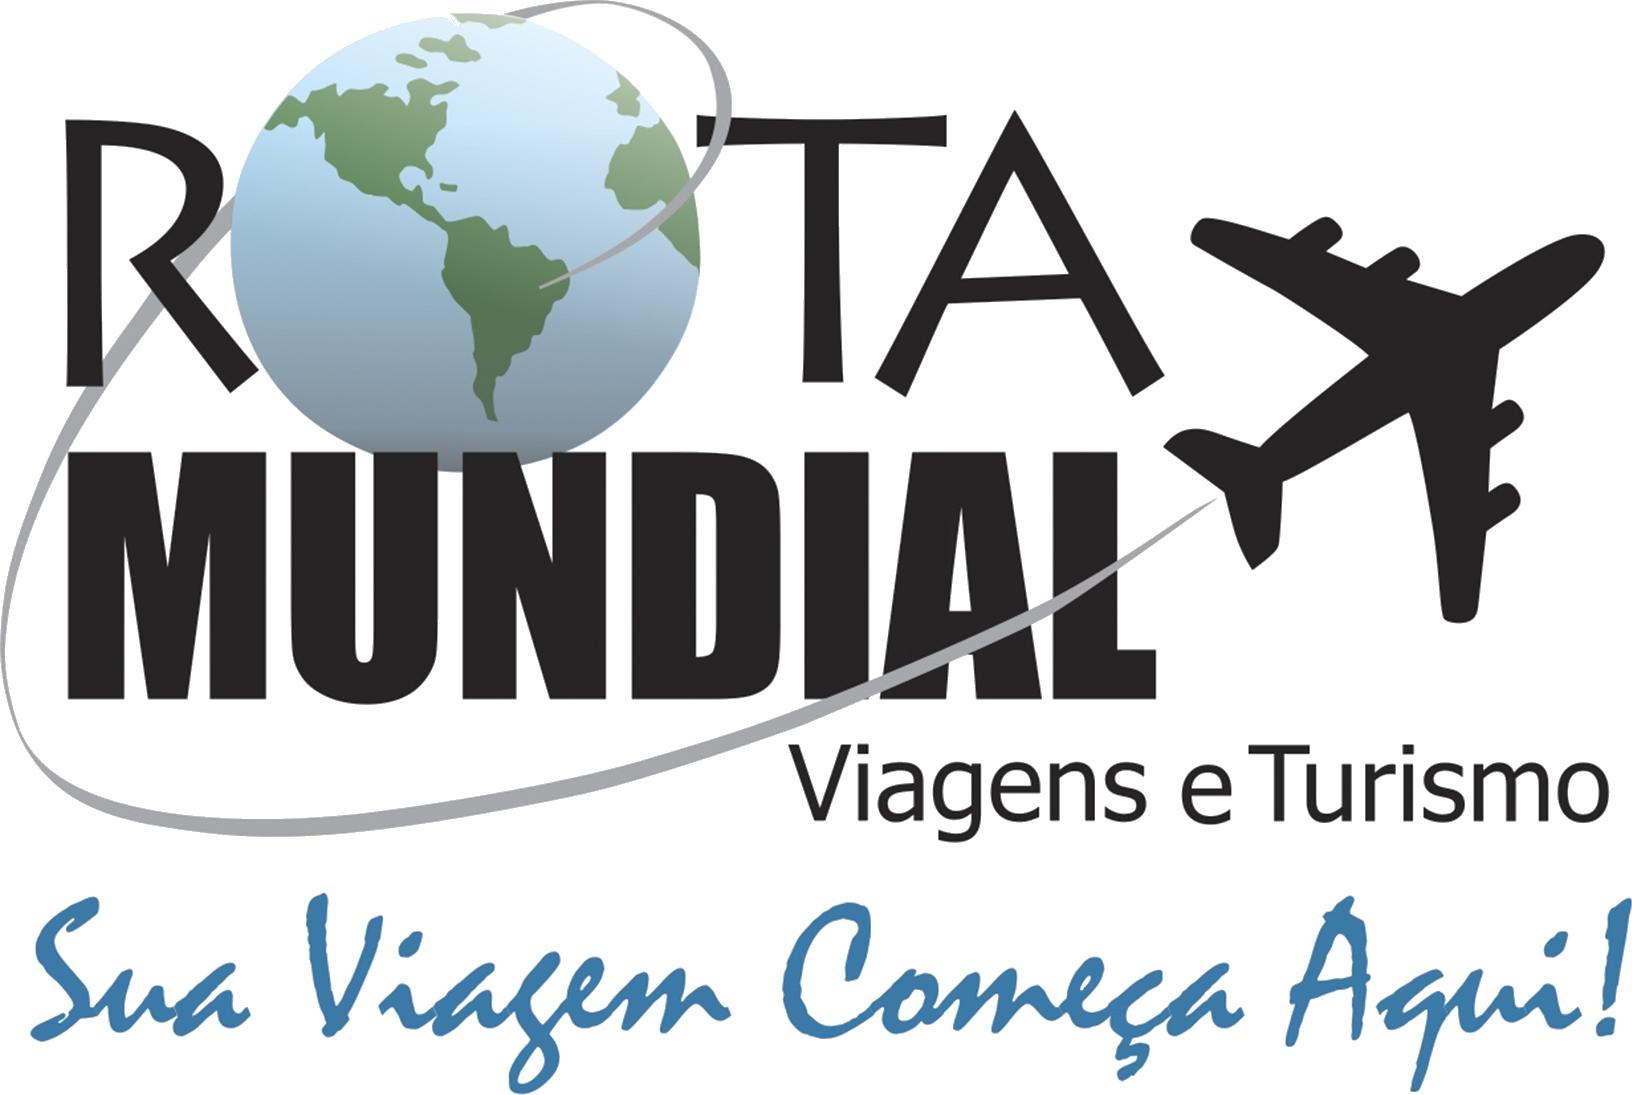 ROTA MUNDIAL VIAGENS E TURISMO